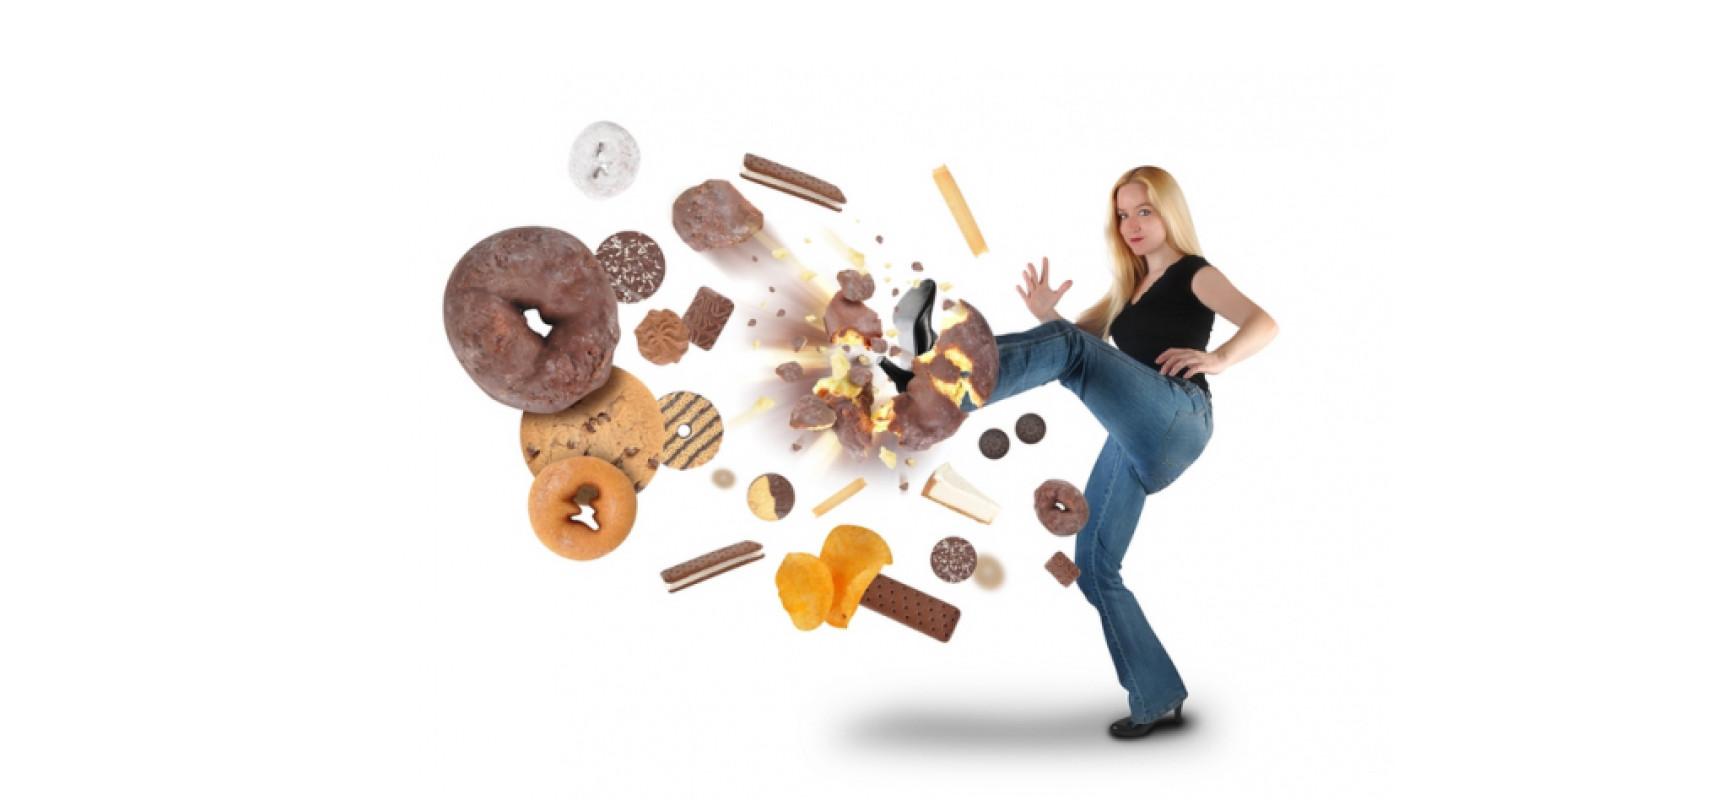 Диета при заболеваниях коленных и тазобедренных суставов: принципы здорового питания